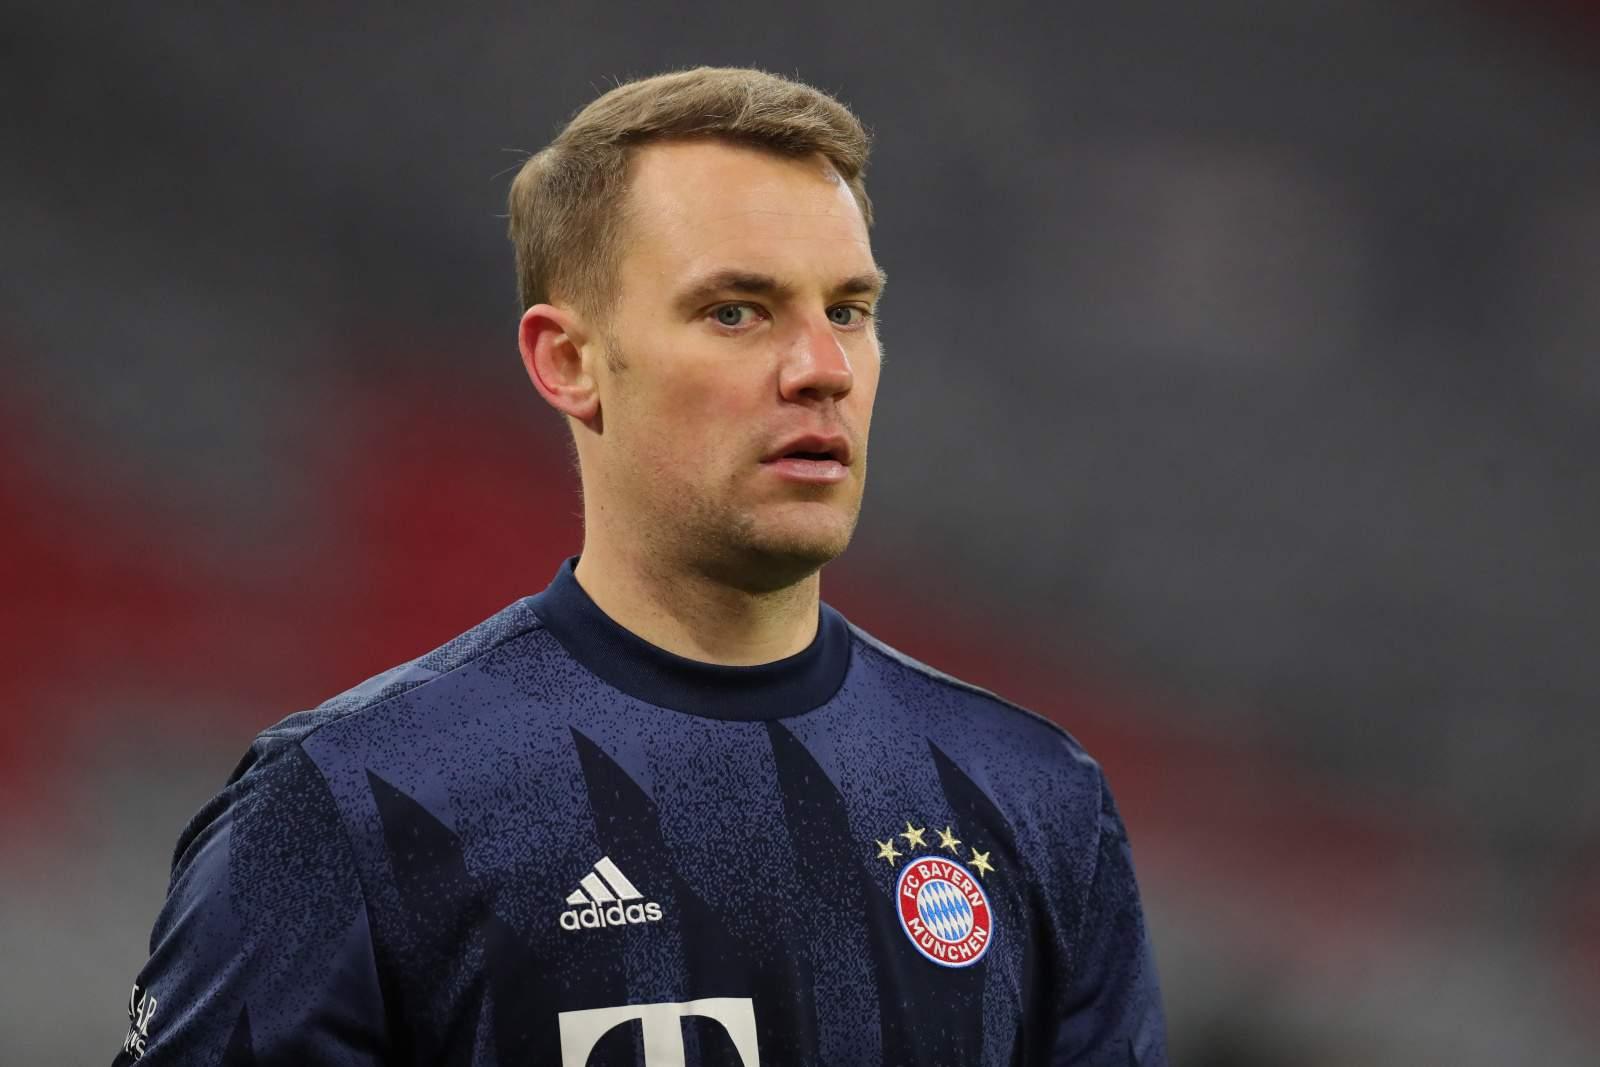 Нойер повторил рекорд Кана по количеству сухих матчей в чемпионате Германии